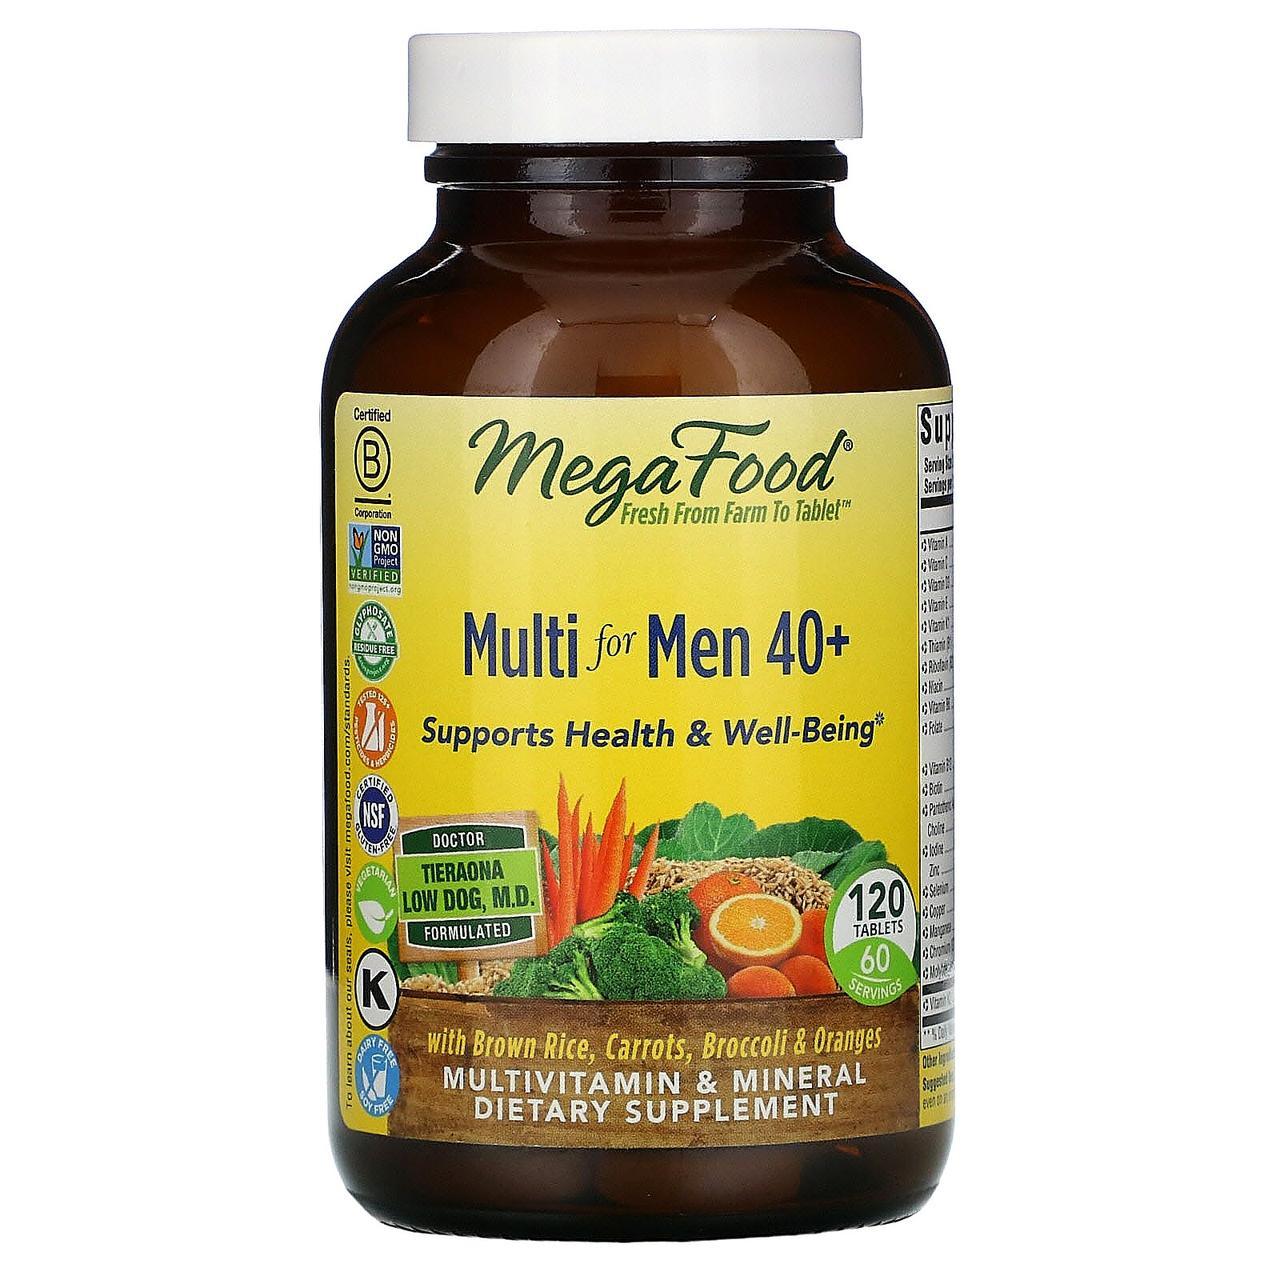 MegaFood, Multi for Men 40+, 120 Tablets